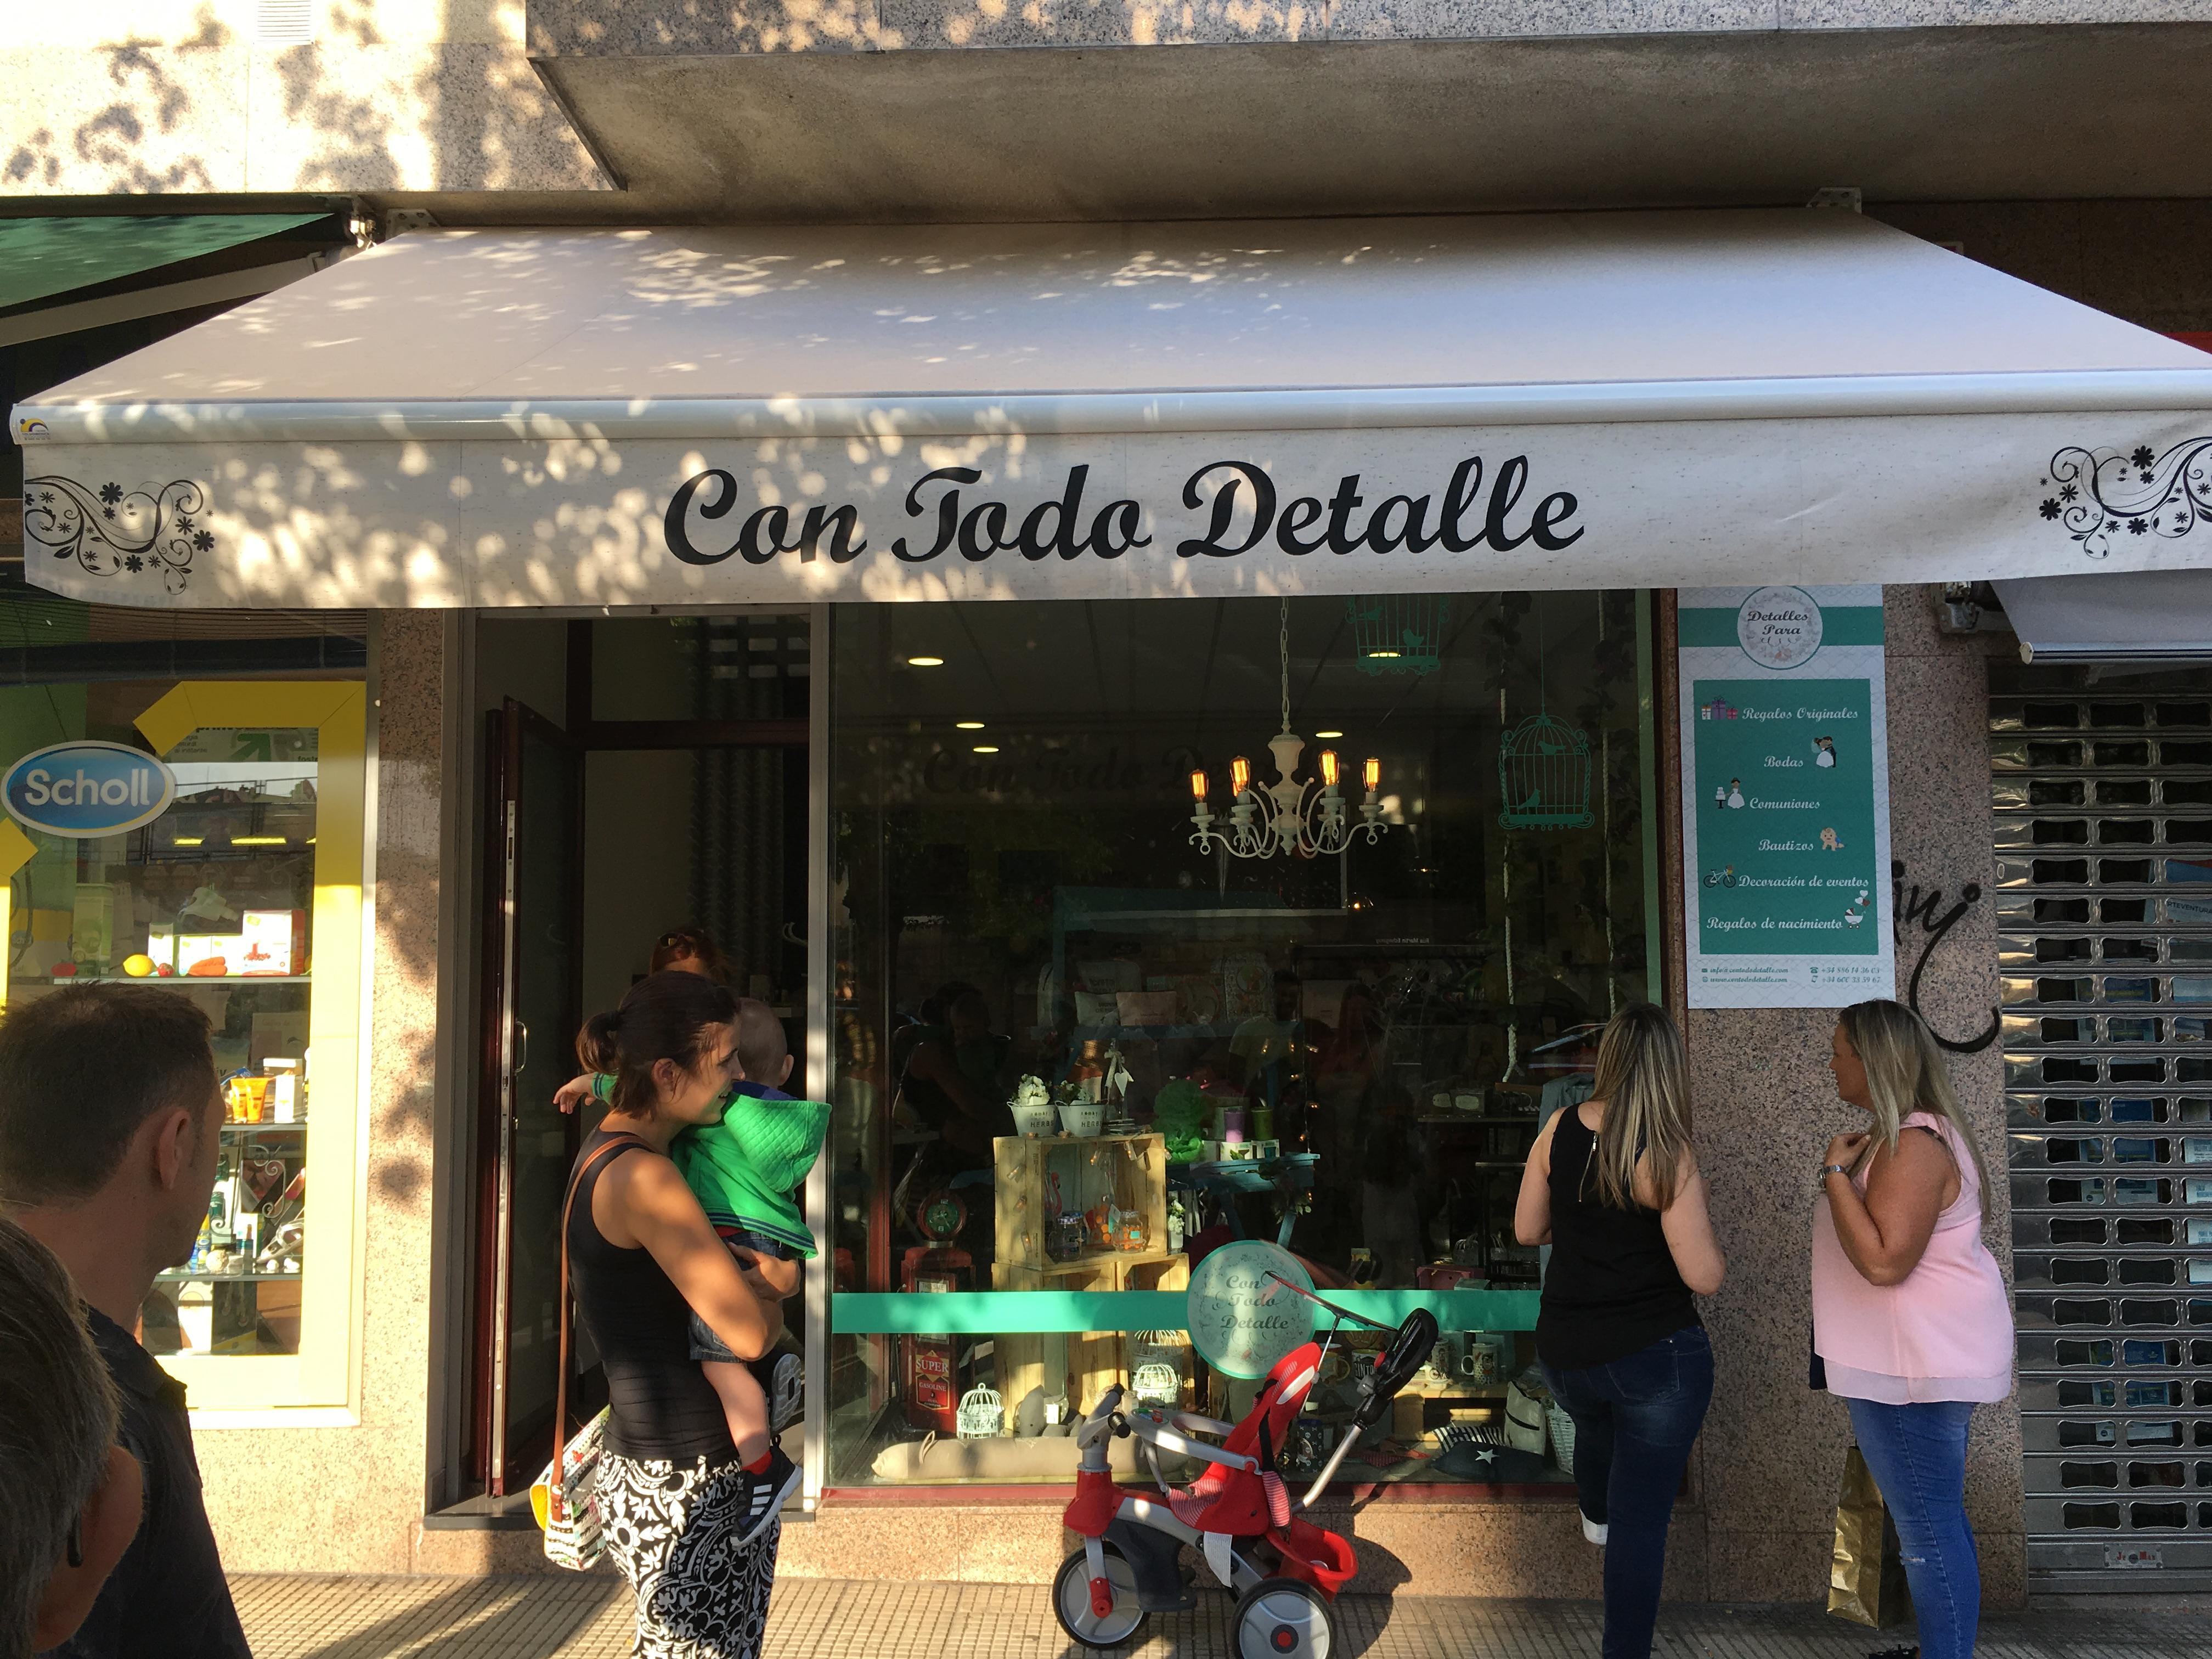 Tienda Regalos CON TODO DETALLE